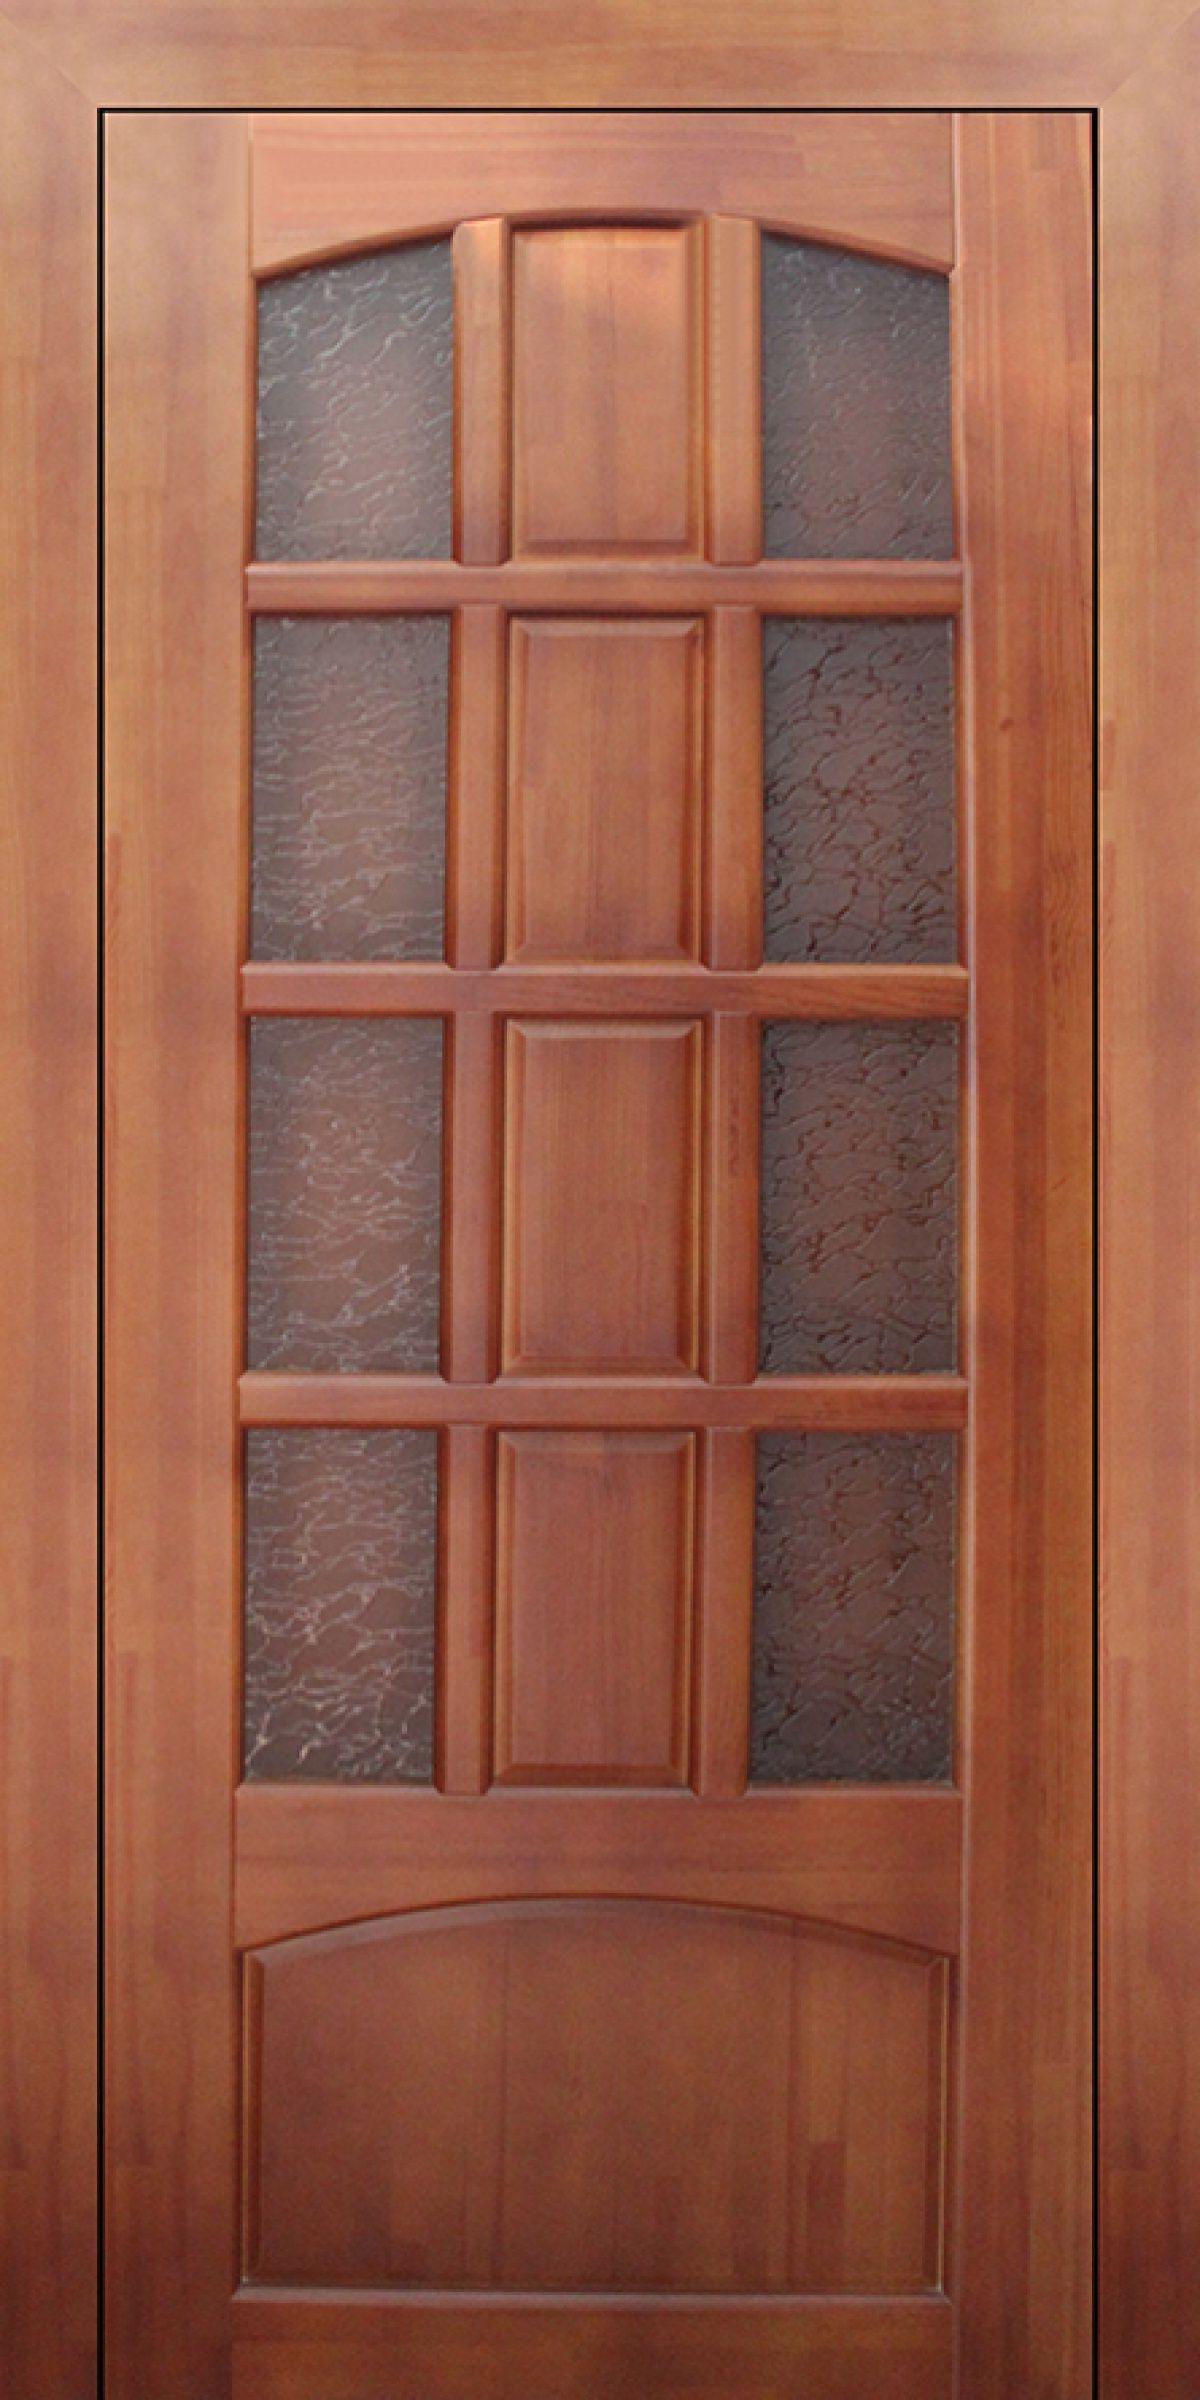 Solid wood door with glass